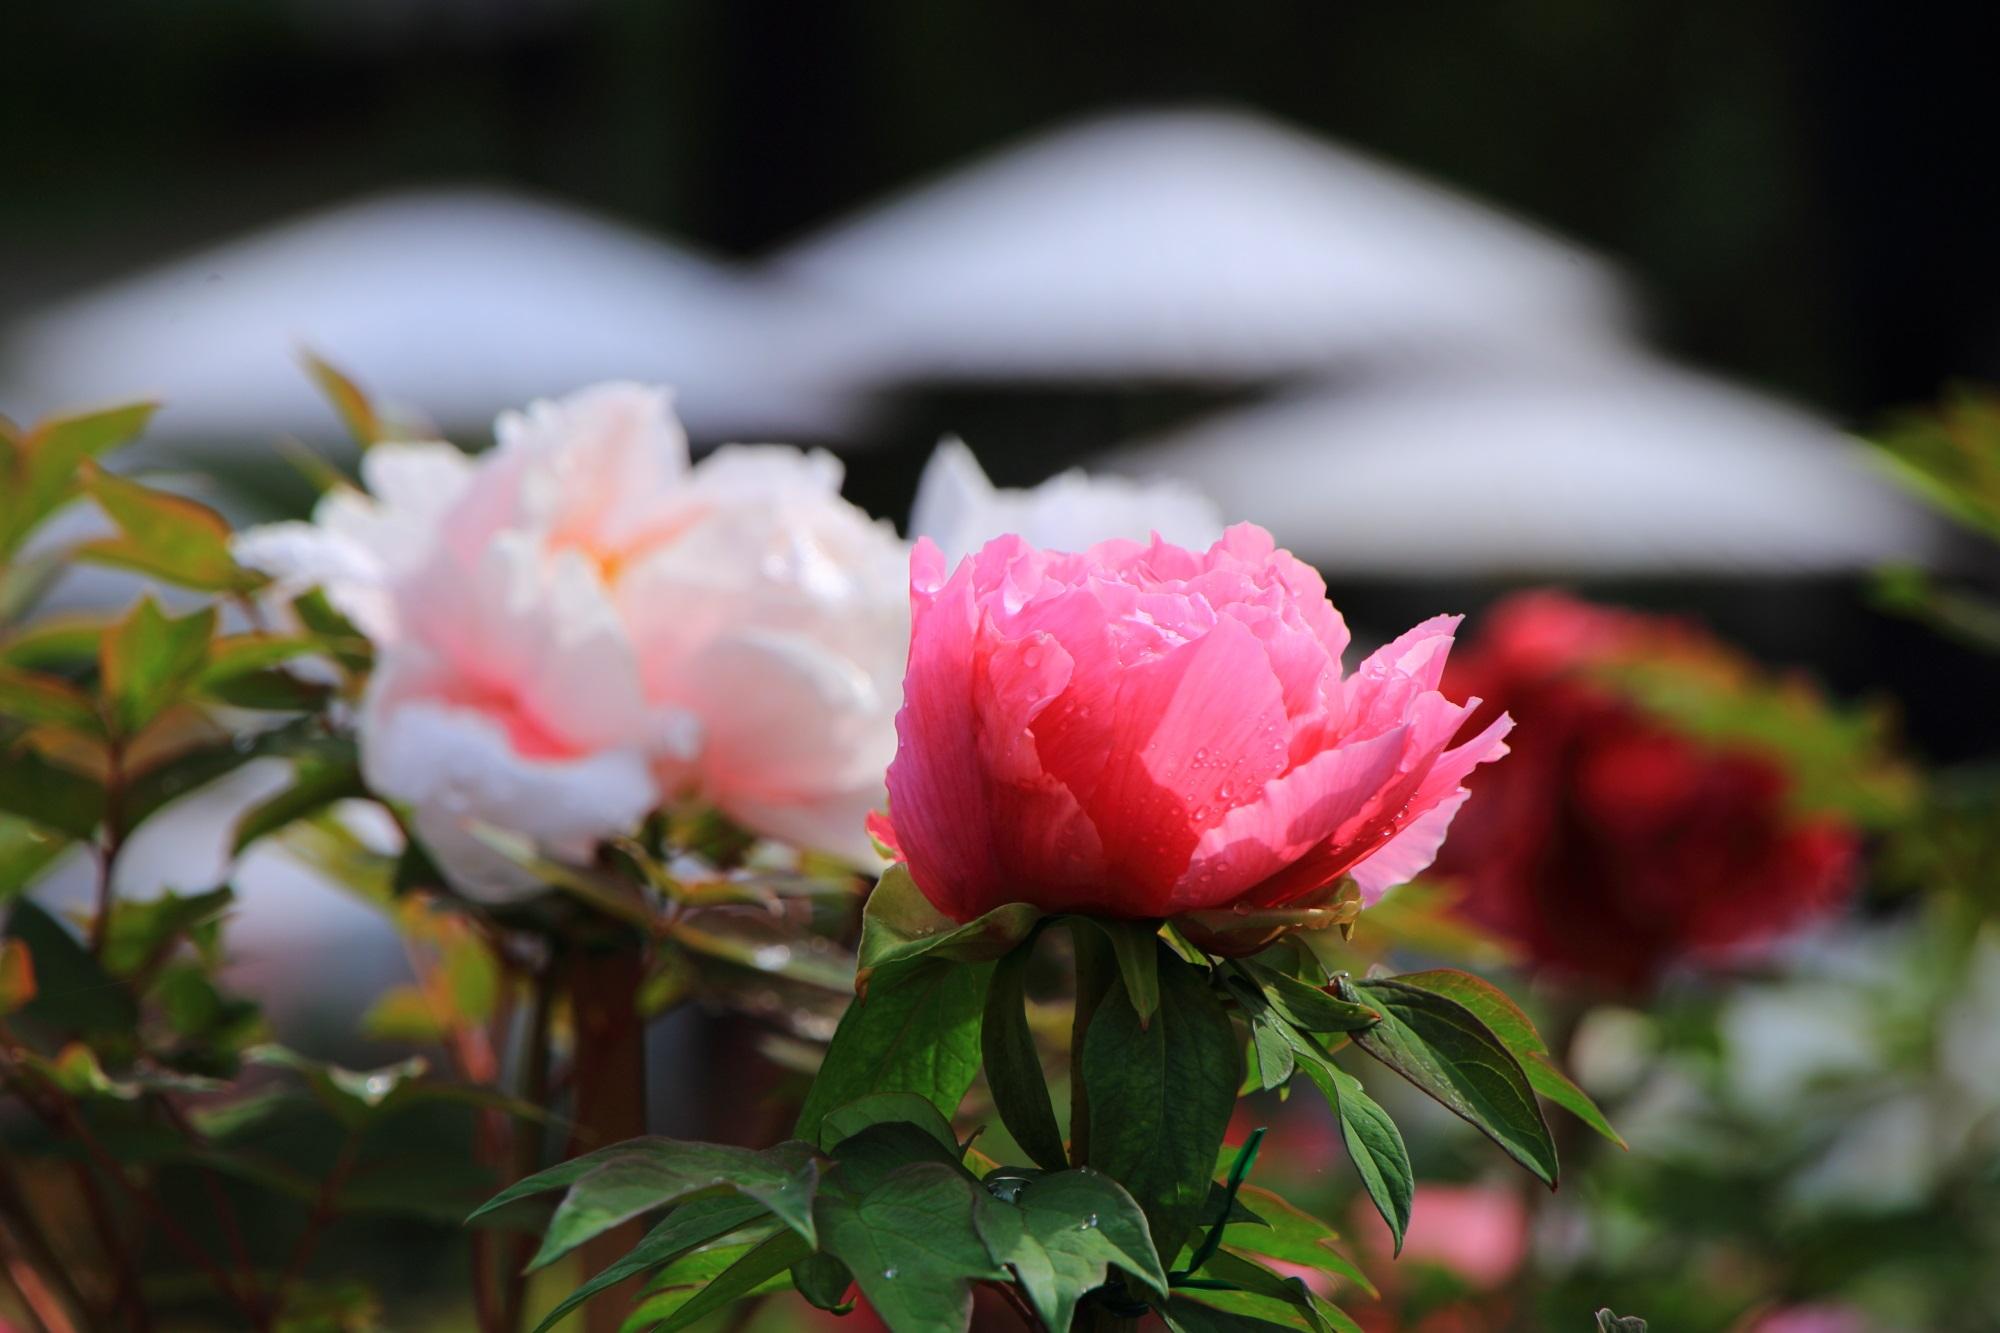 日が当たり透けるようなピンクの牡丹の花